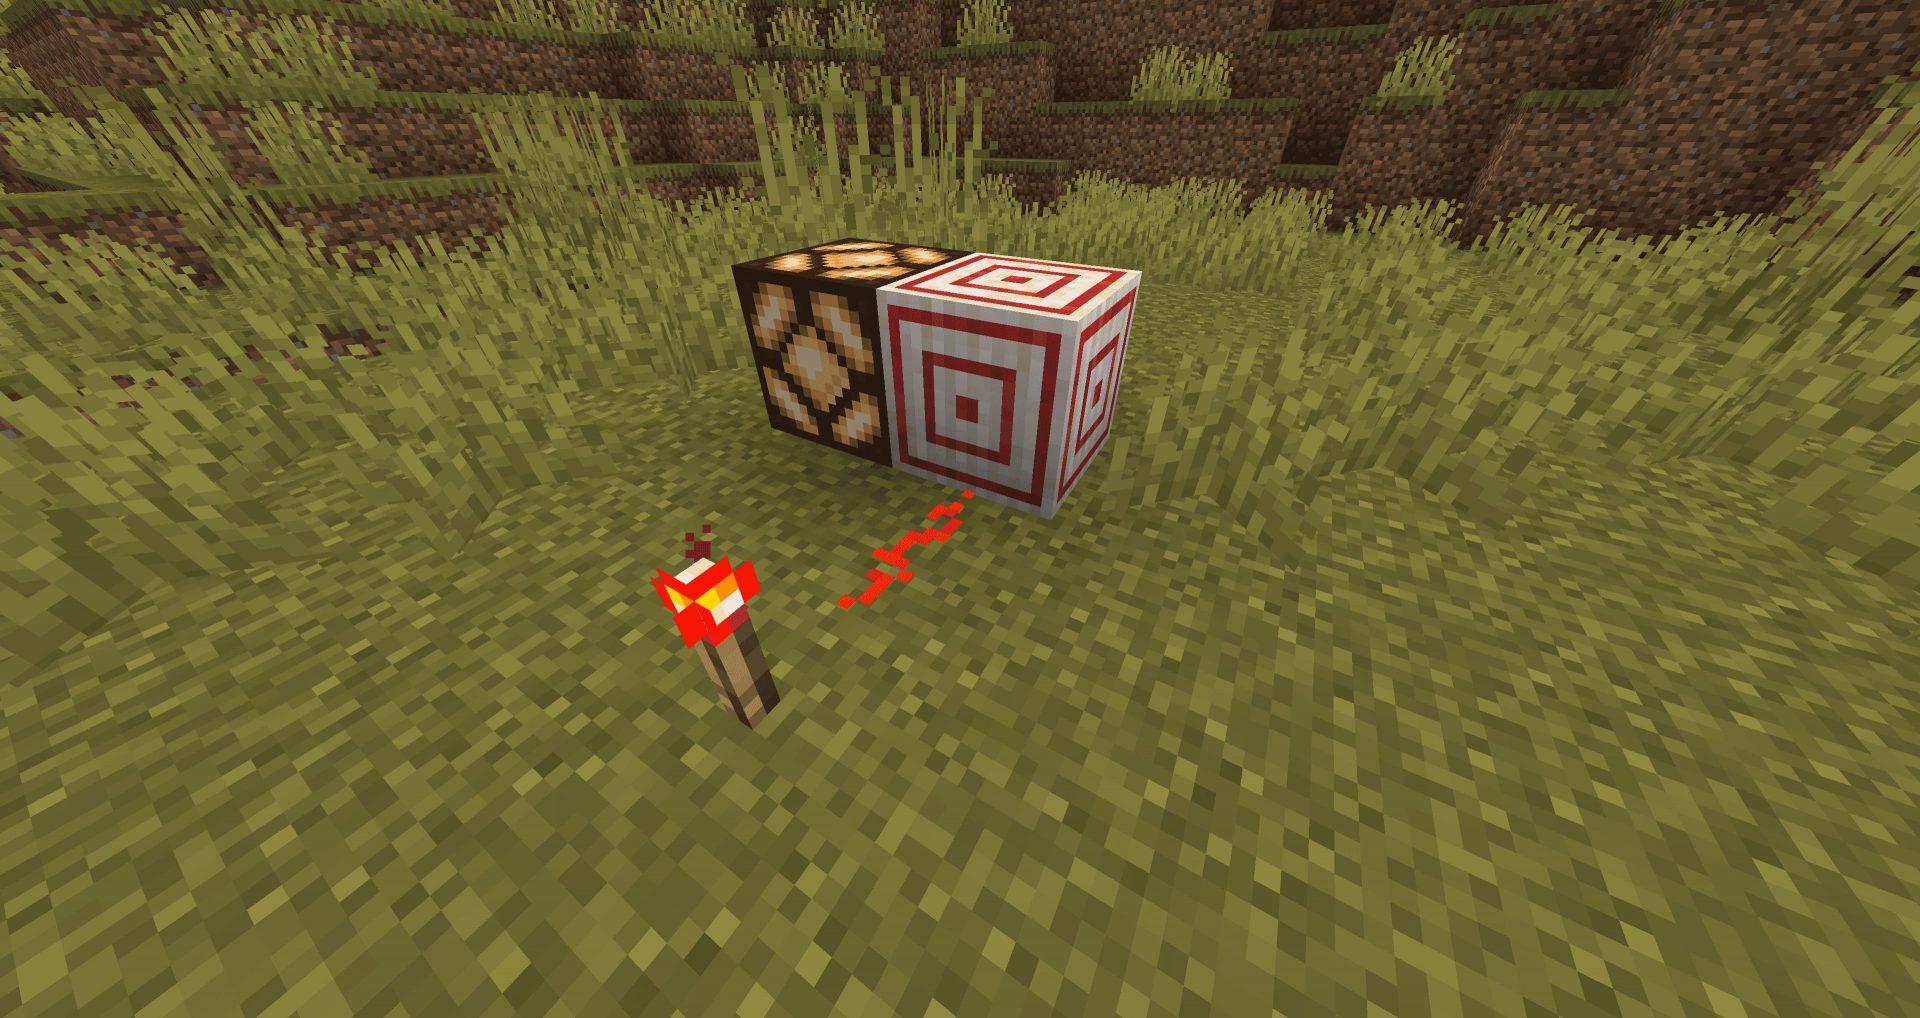 Bloque de Diana dando señal de Redstone en la 20W18A de Minecraft nether Update